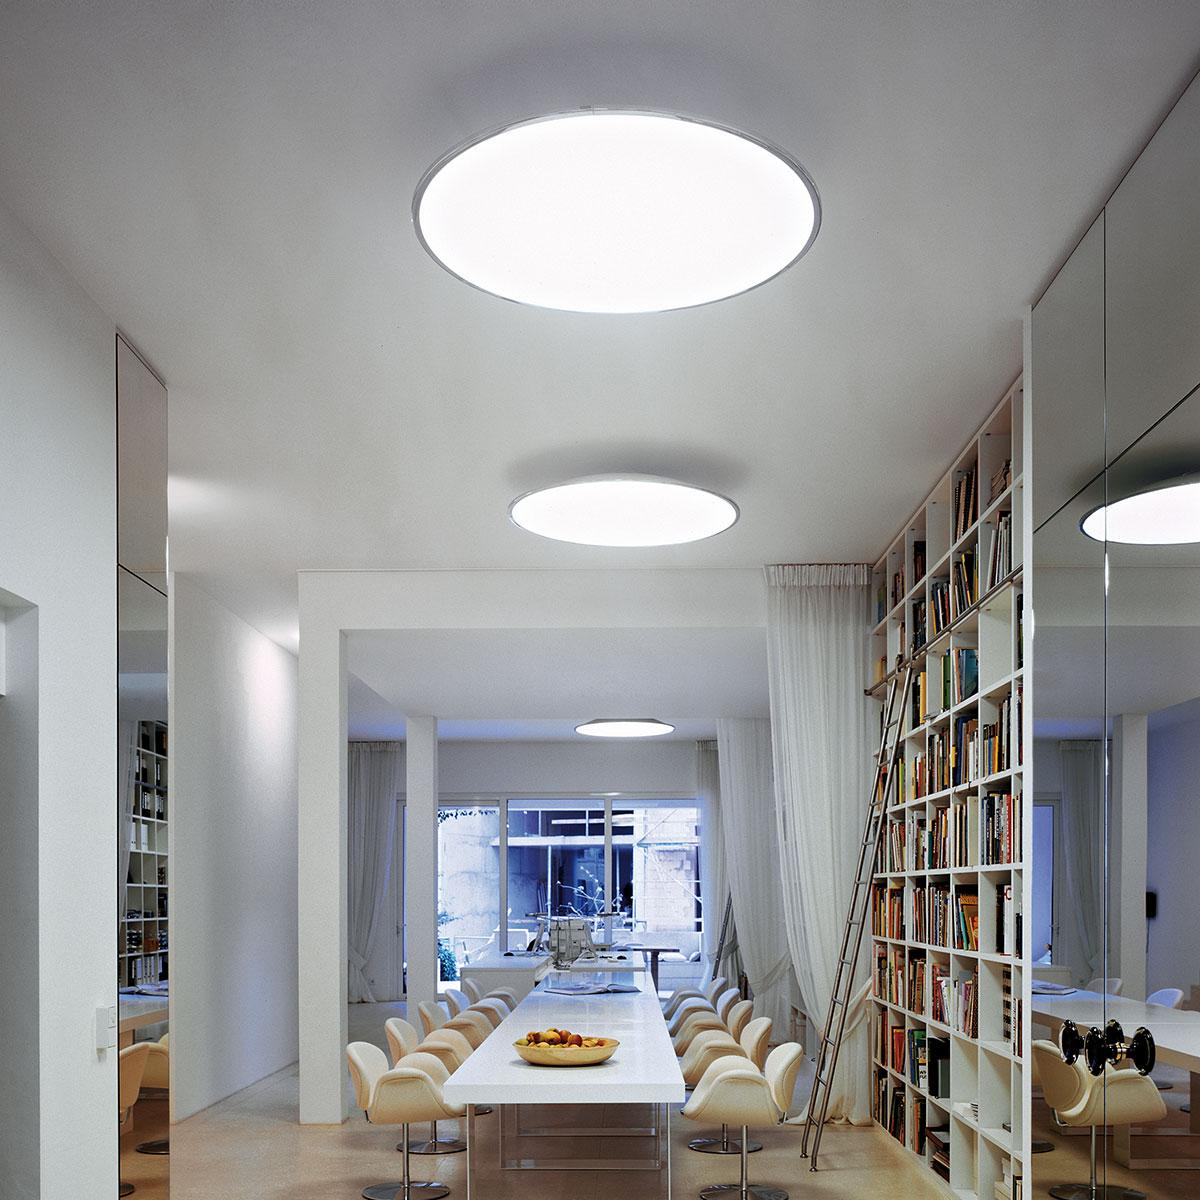 Big 0531 Ceiling Lamp